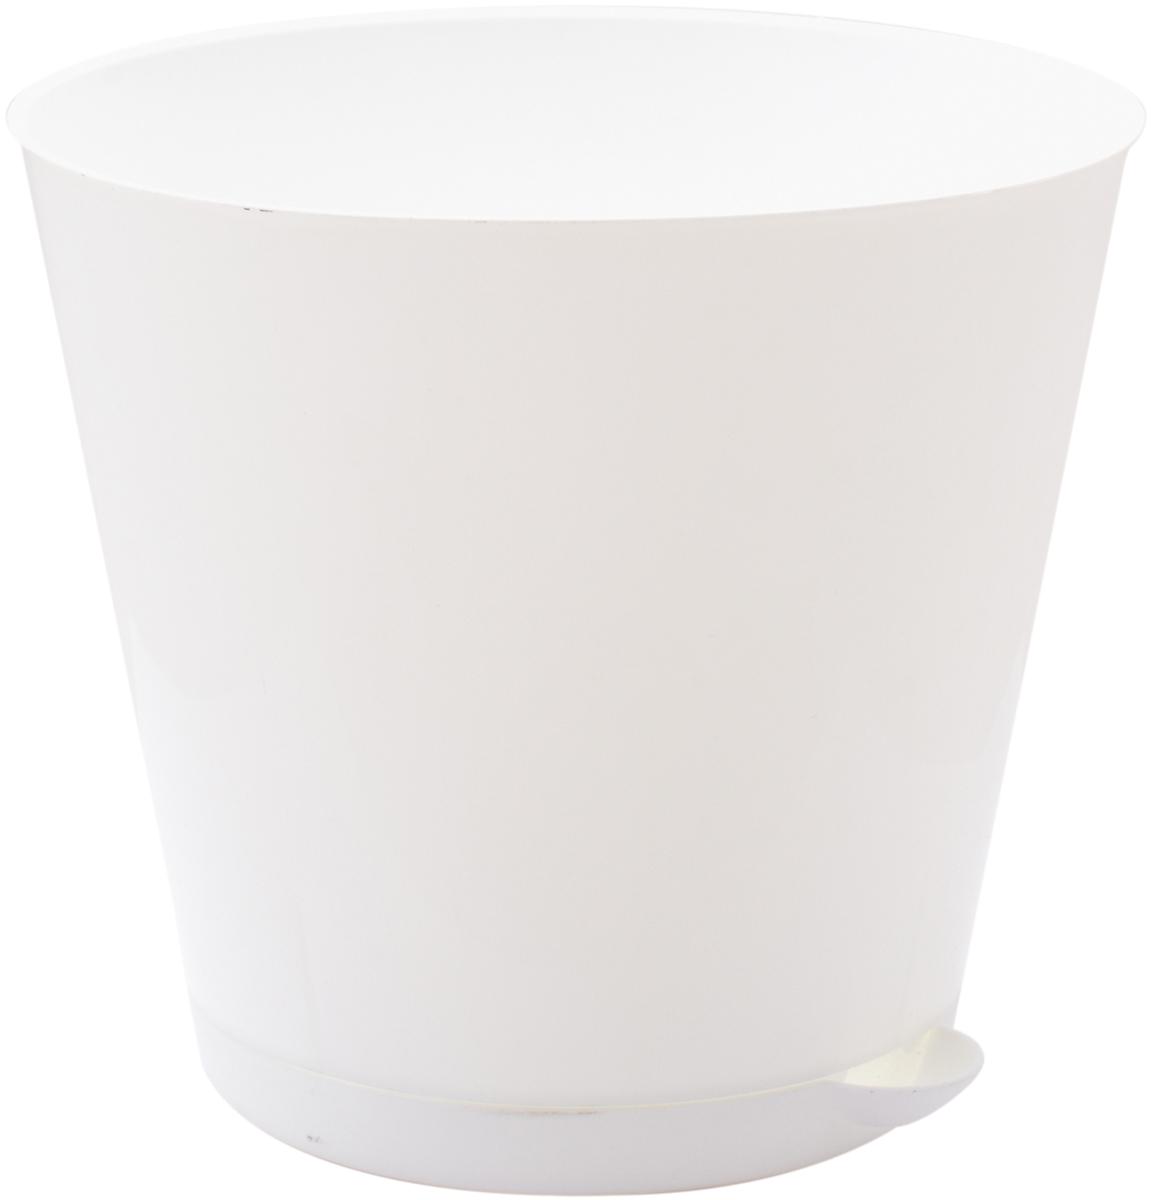 Горшок для цветов InGreen Крит, с системой прикорневого полива, цвет: белый, диаметр 20 смING46020БЛ-12РSЦветочный горшок «Крит» -это поиск нового, в основе которого лежит целесообразность. Горшок лаконичный и богат яркими цветовыми решениями, отличается функциональностью. Специальная конструкция обеспечивает вентиляцию в корневой системе растения, а дренажная решетка позволяет выходить лишней влаге из почвы. Крепёжные отверстия и штыри прочно крепят подставку к горшку. Прикорневой полив растения осуществляется через удобный носик.